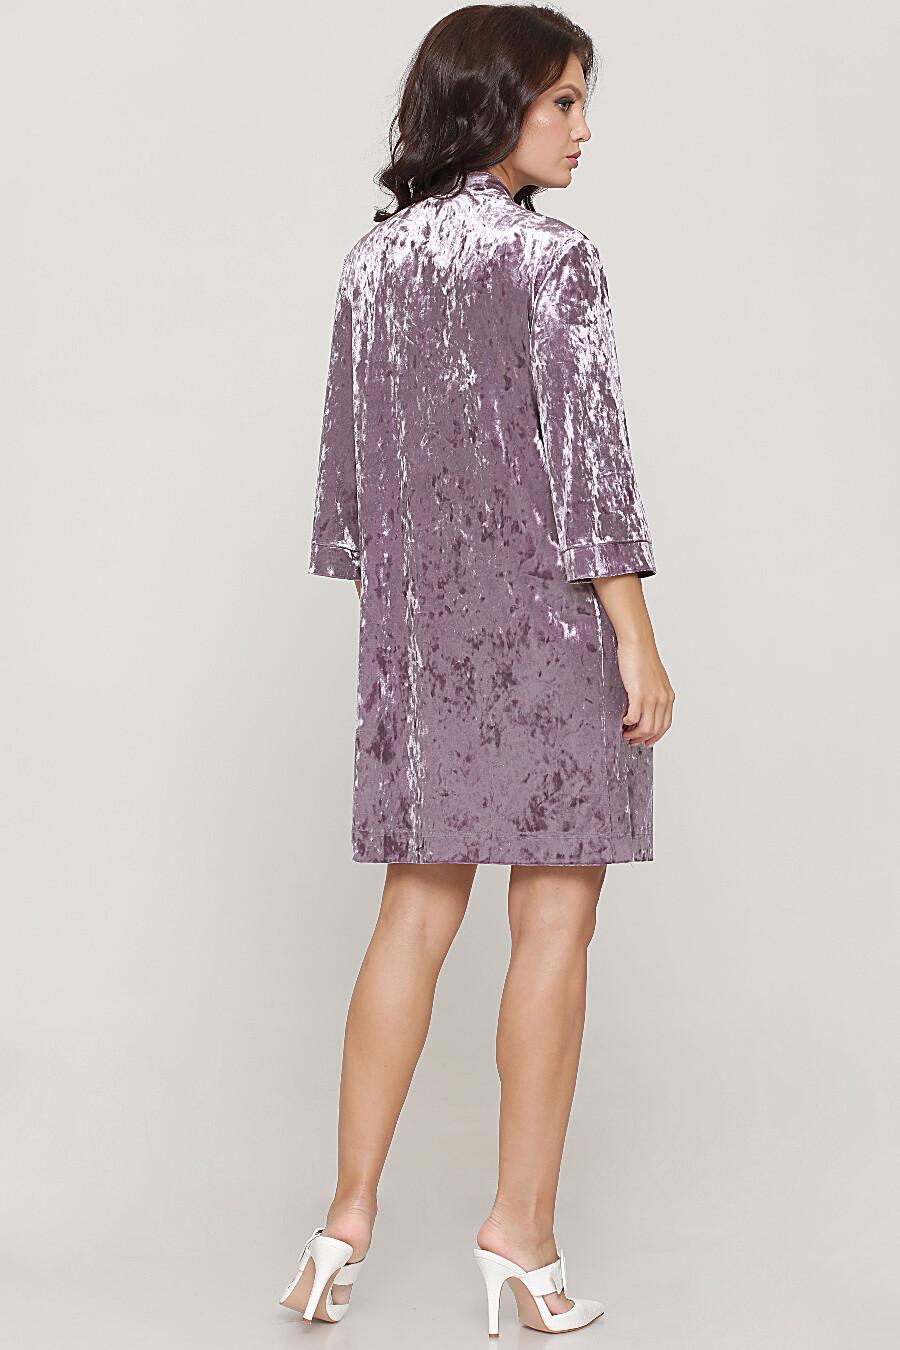 Пижама DSTREND (708401), купить в Moyo.moda